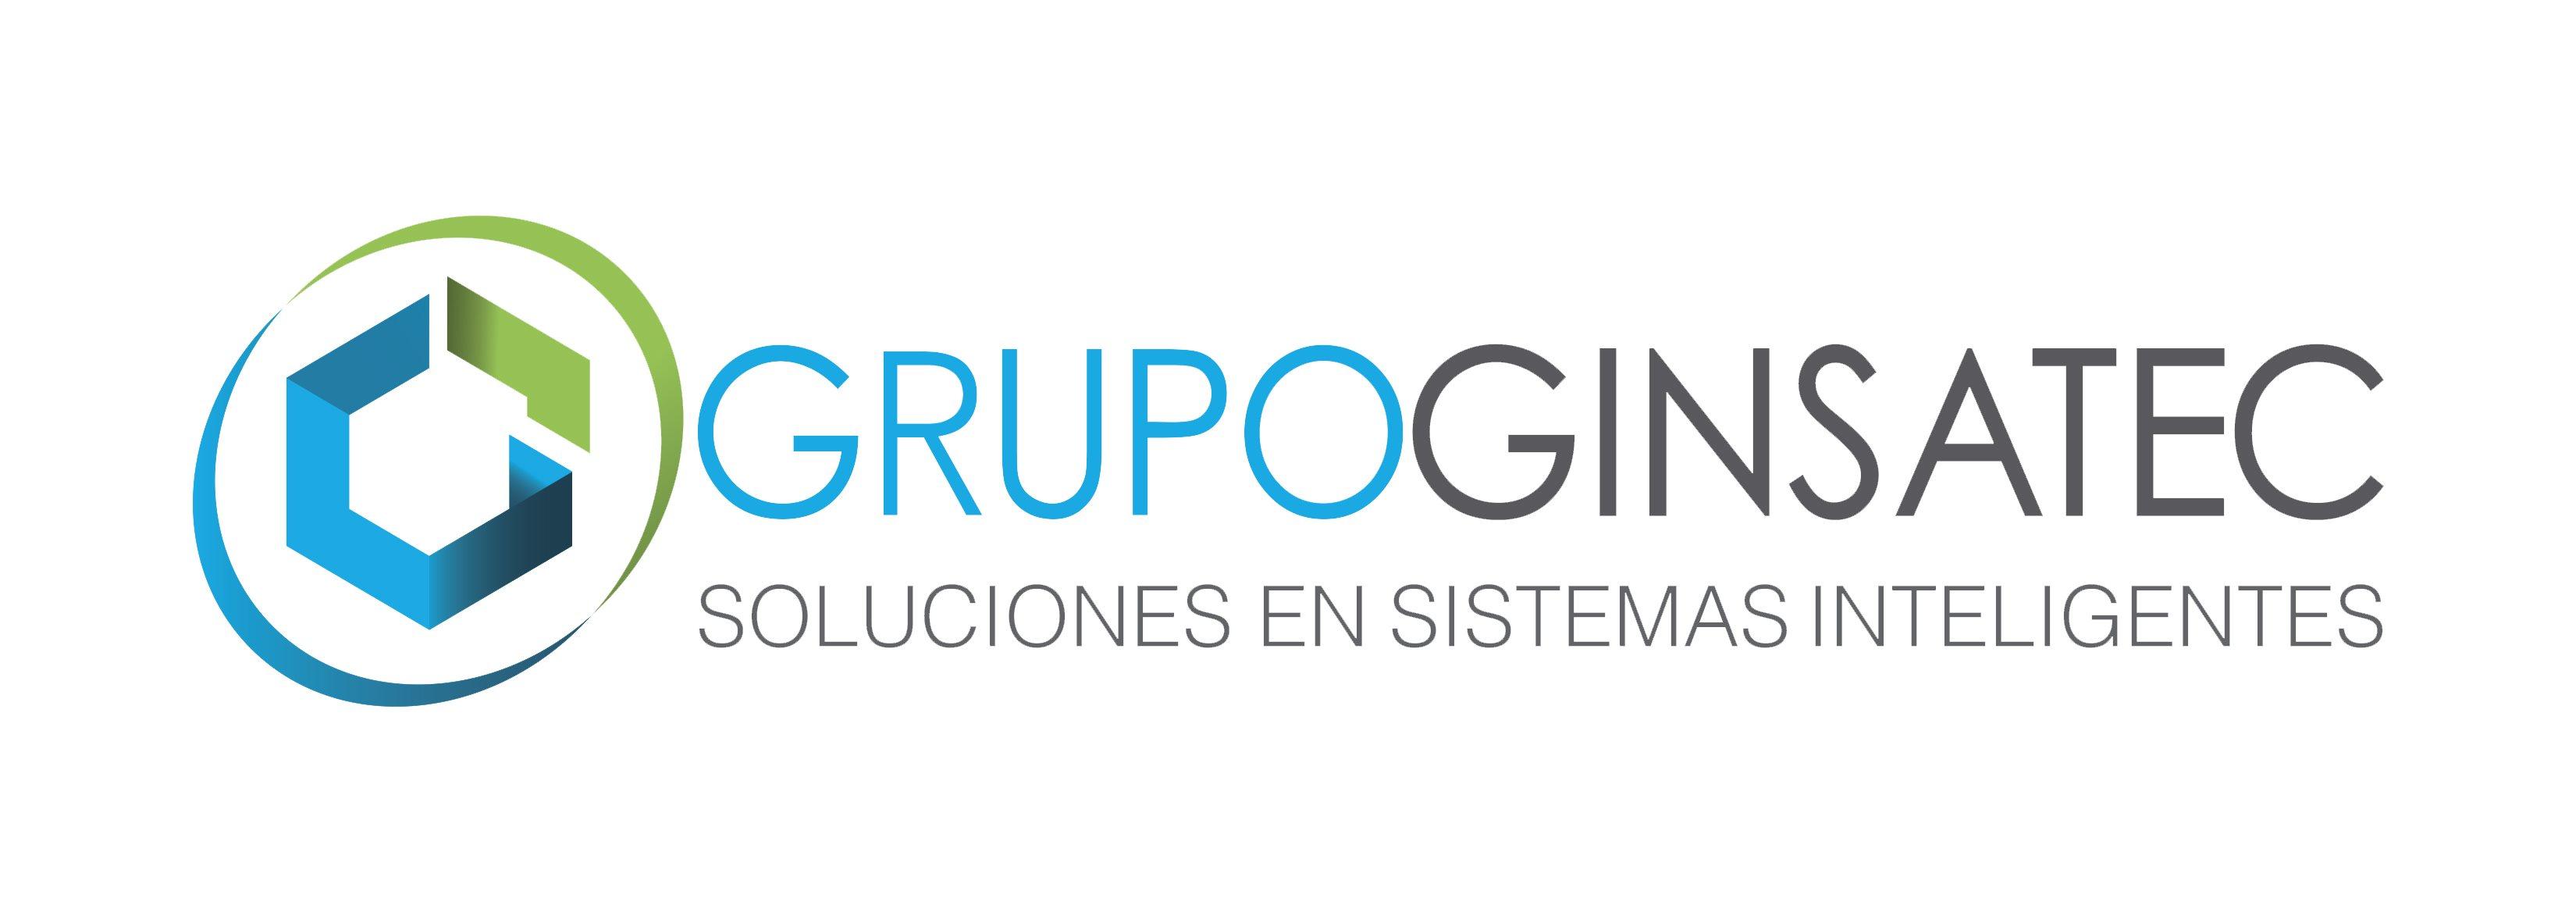 Trabajos de Grupo Ginsatec Administrador con... Computrabajo México